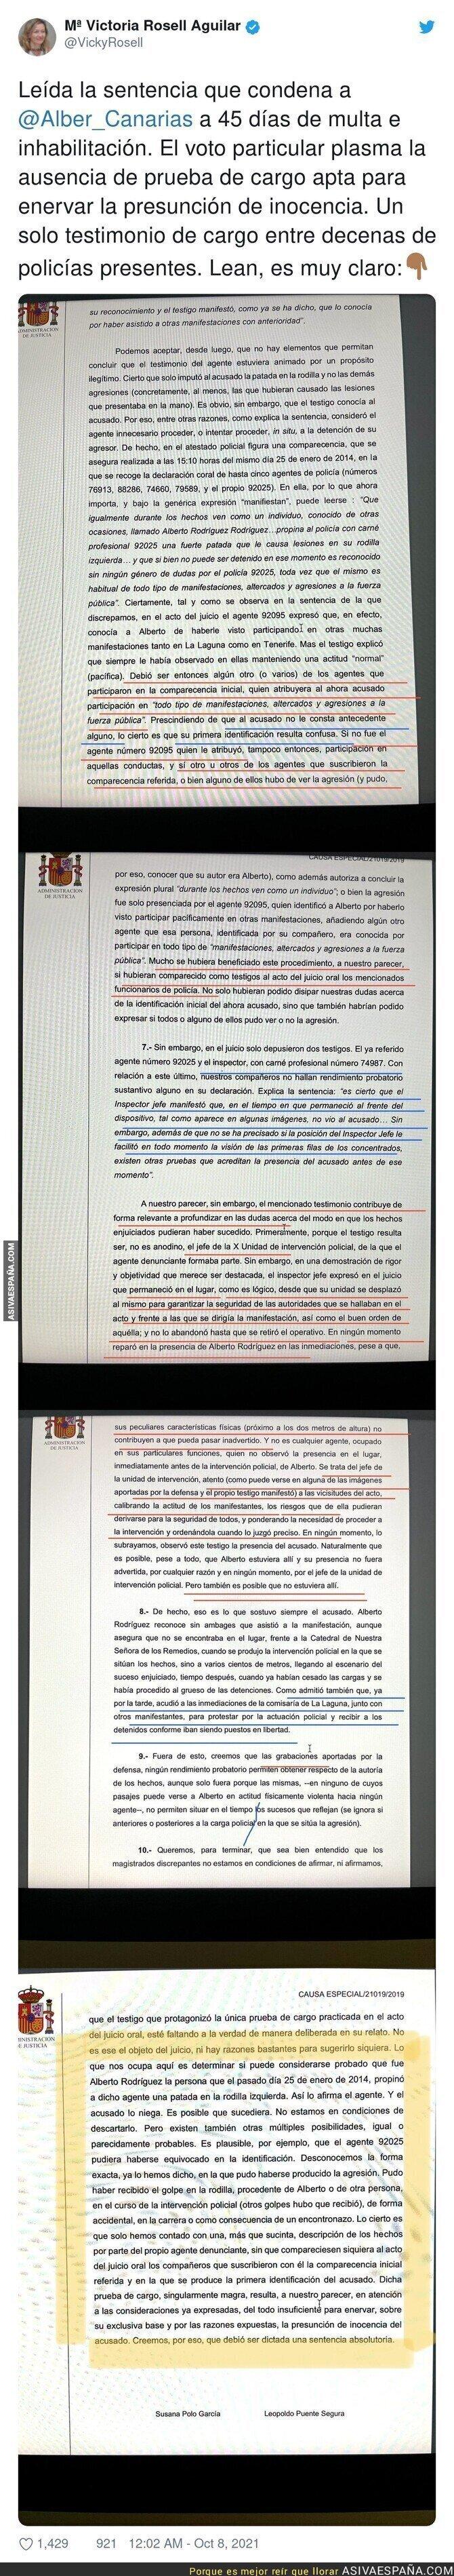 930173 - La más que polémica sentencia contra Albert Rodríguez pone en tela de juicio a los jueces